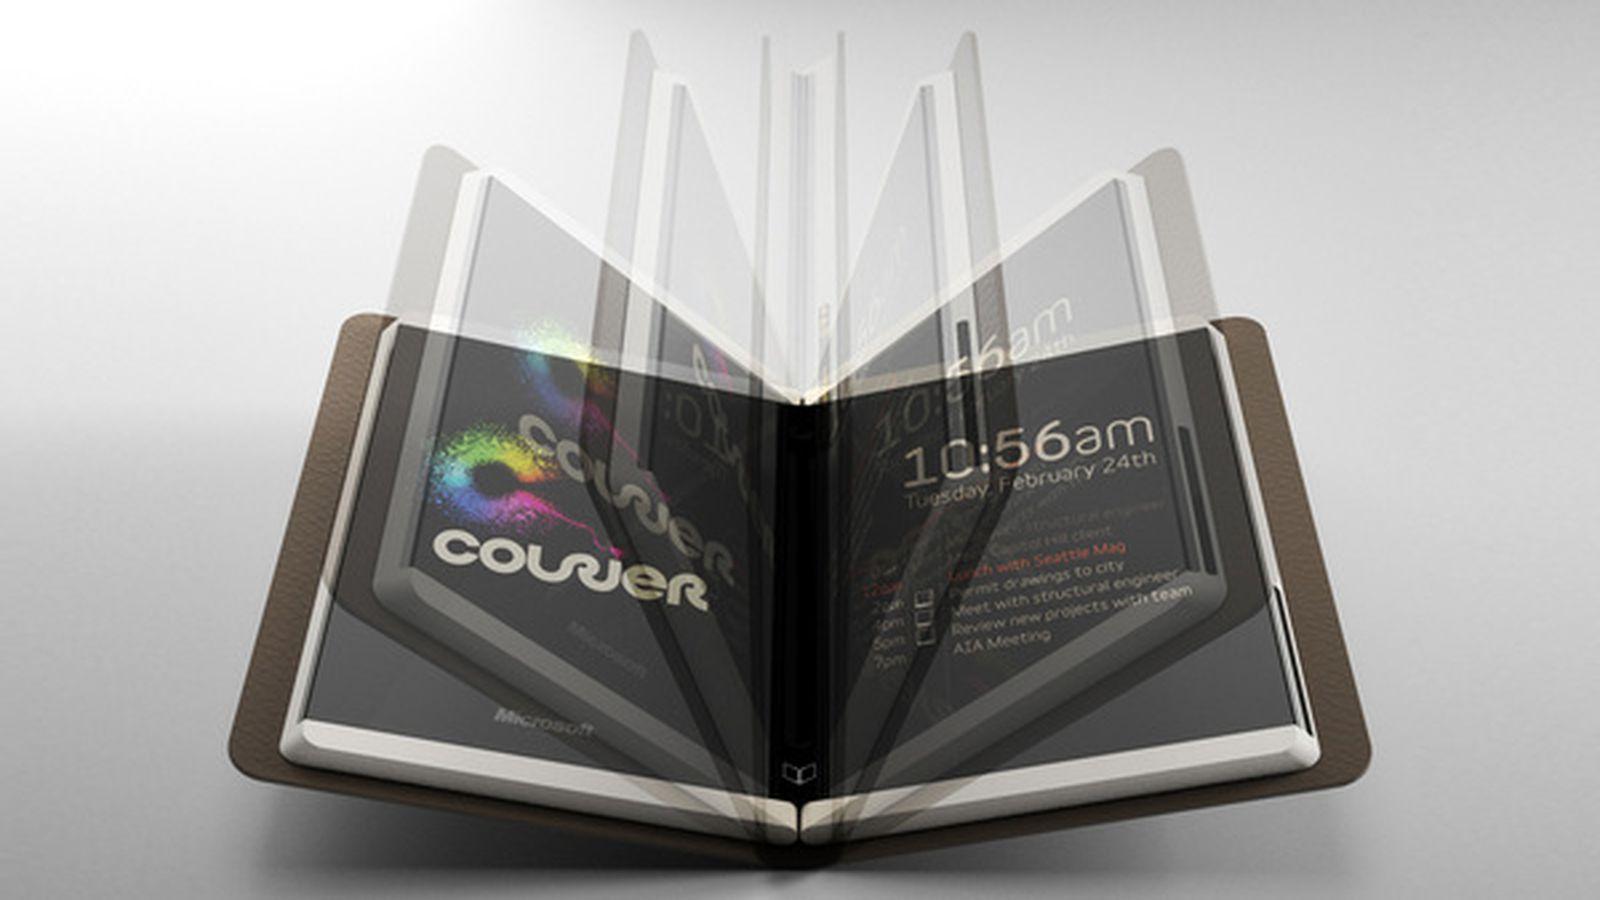 نتیجه تصویری برای microsoft courier tablet